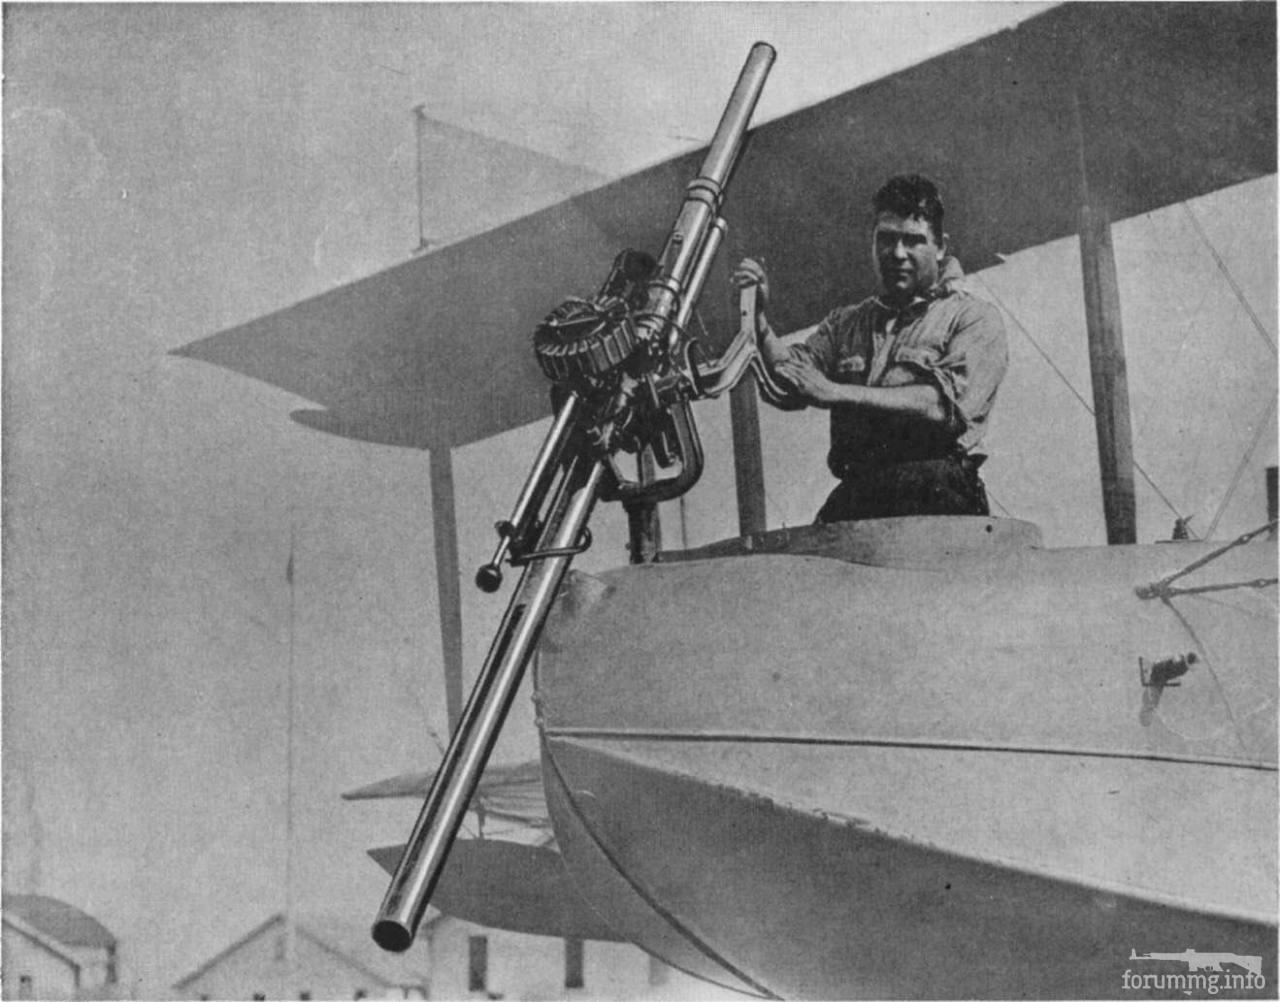 115025 - Авиационное пушечное вооружение